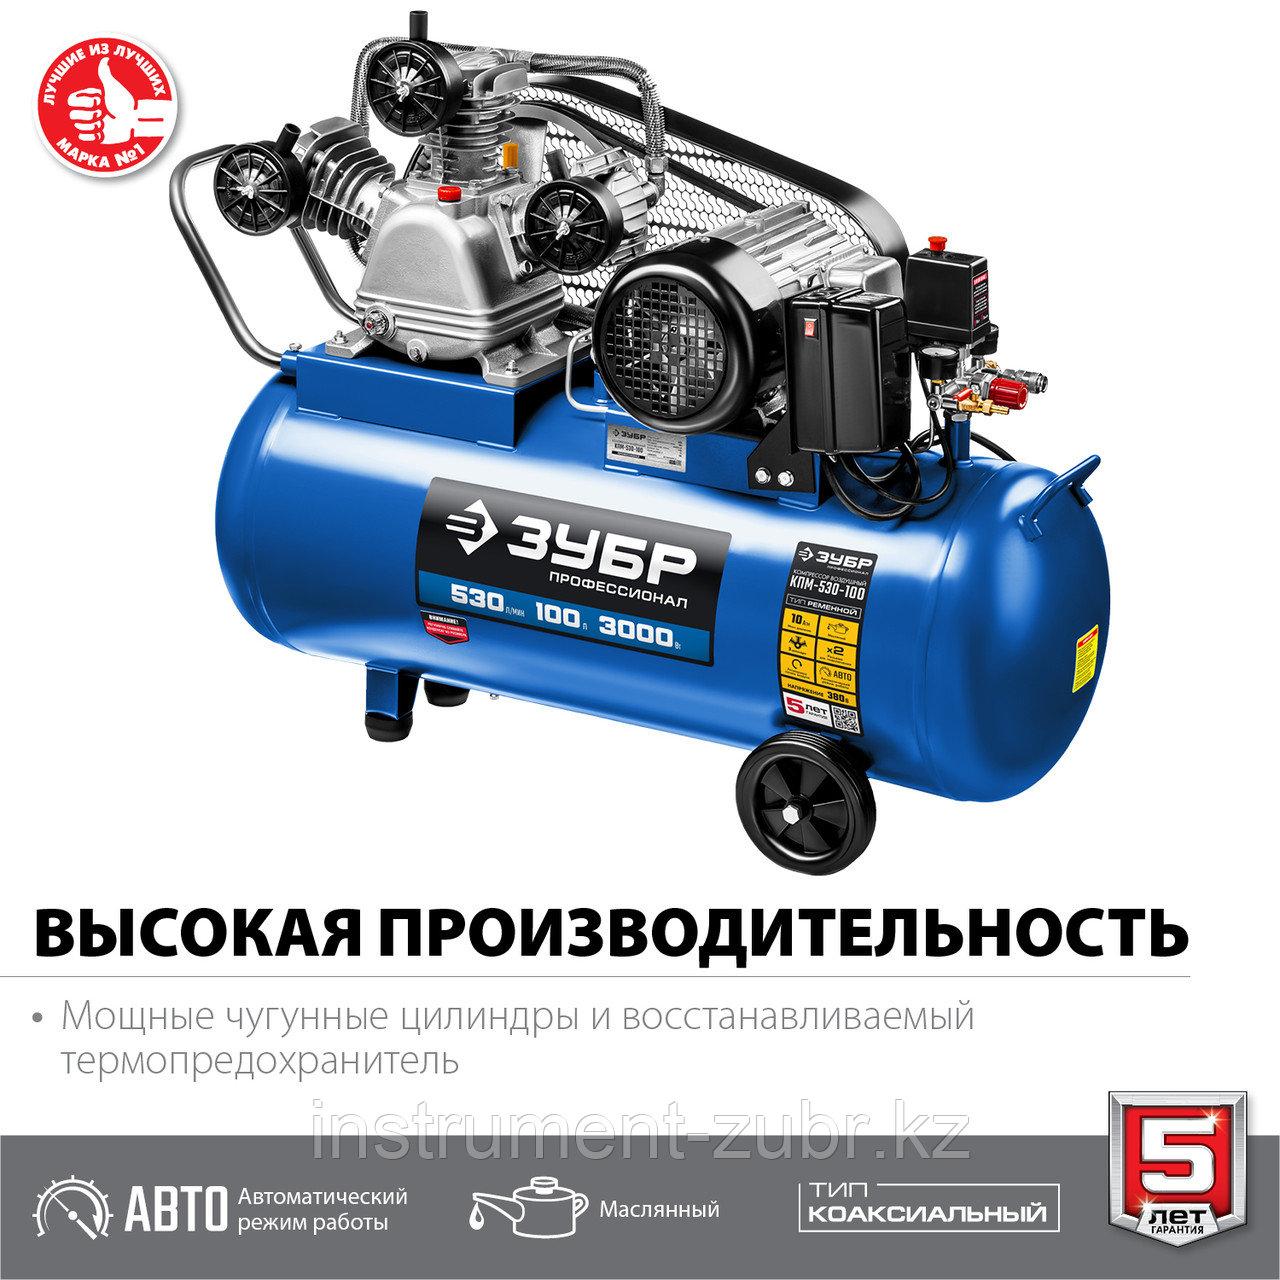 Компрессор ременной, 380 В, 530 л/мин, 100 л, 3000 Вт, ЗУБР - фото 2